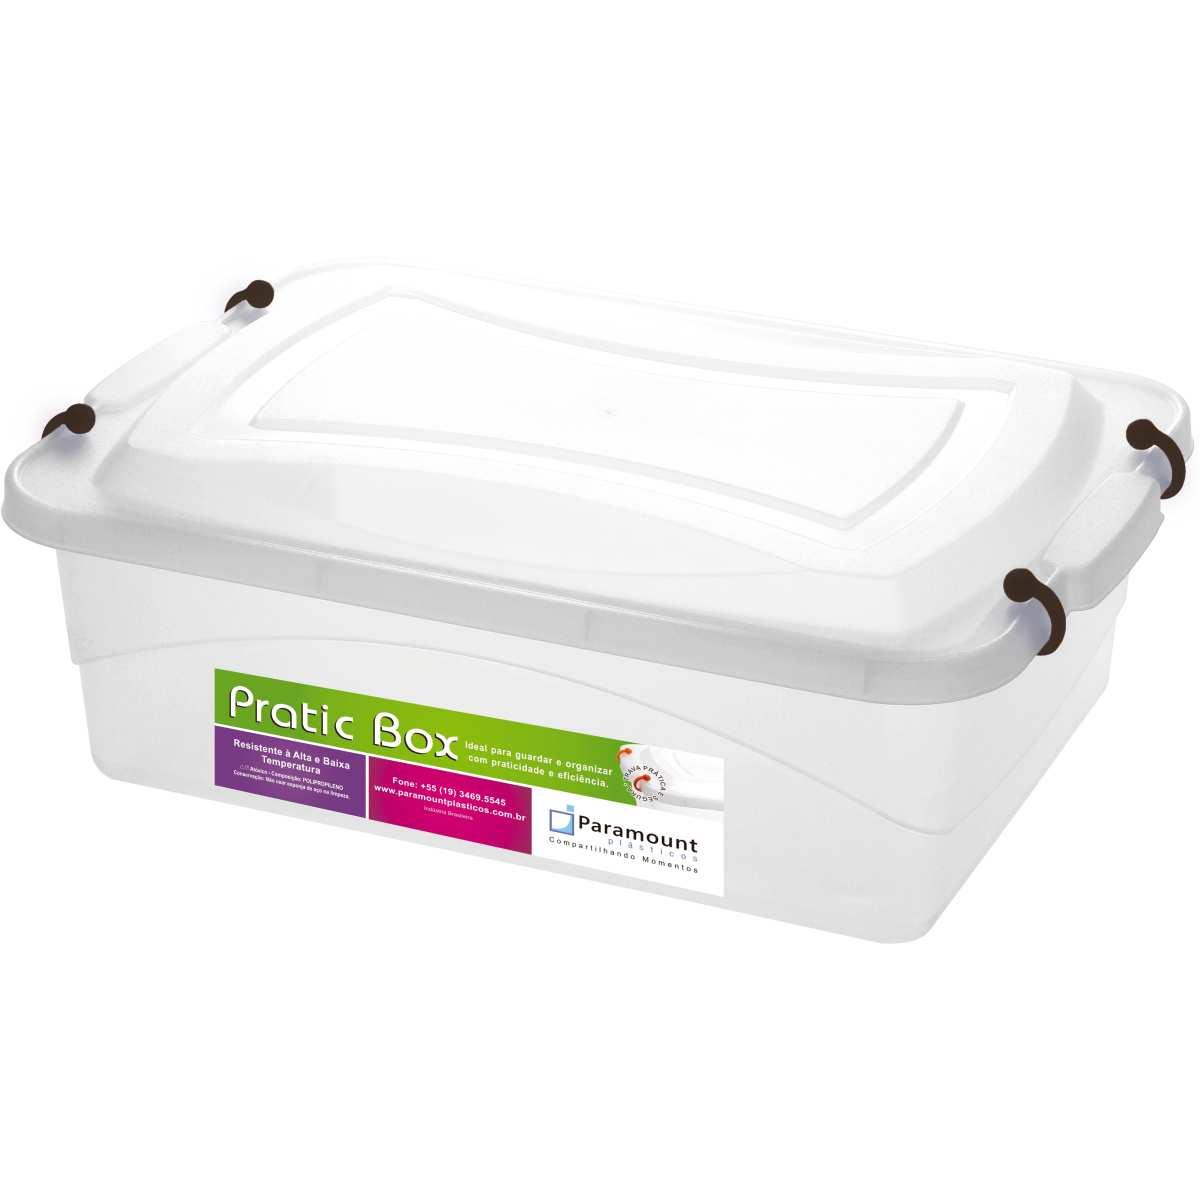 CAIXA PLASTICA MULTIUSO PRATIC BOX 10L 41X29X14CM